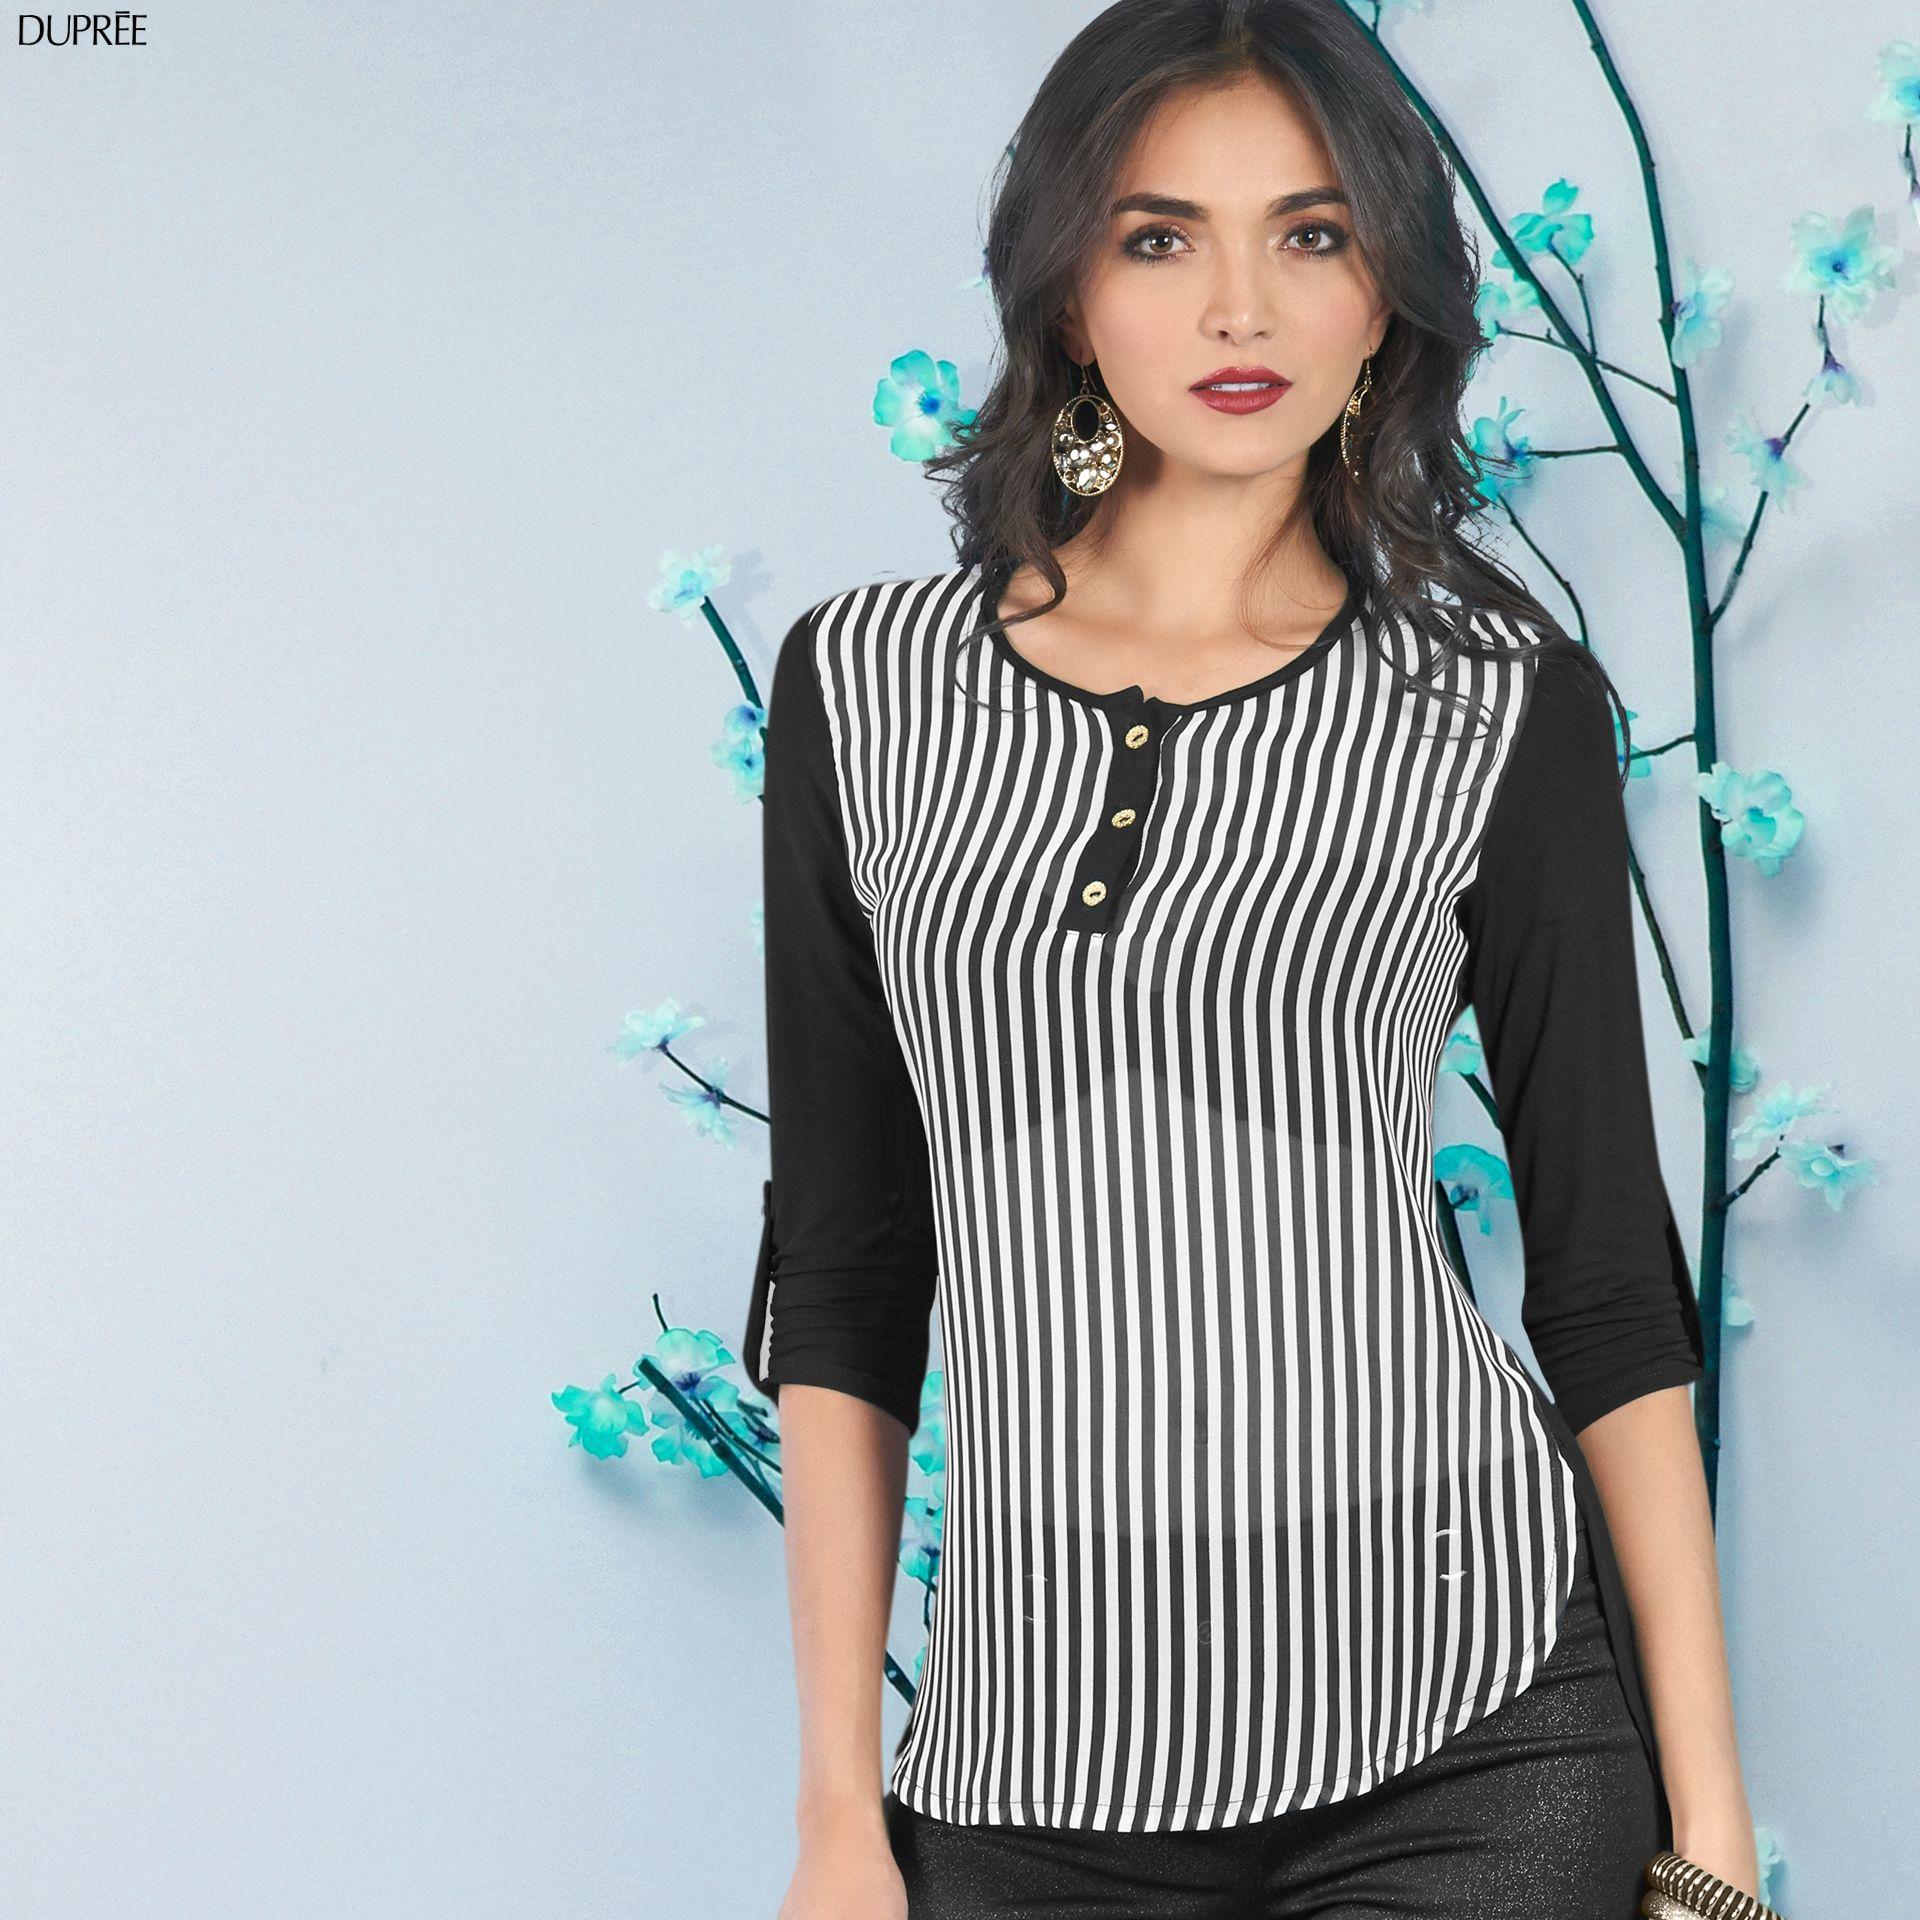 187fcbcd63 Blusas a rayas negras y blancas. Moda mujer Duprée